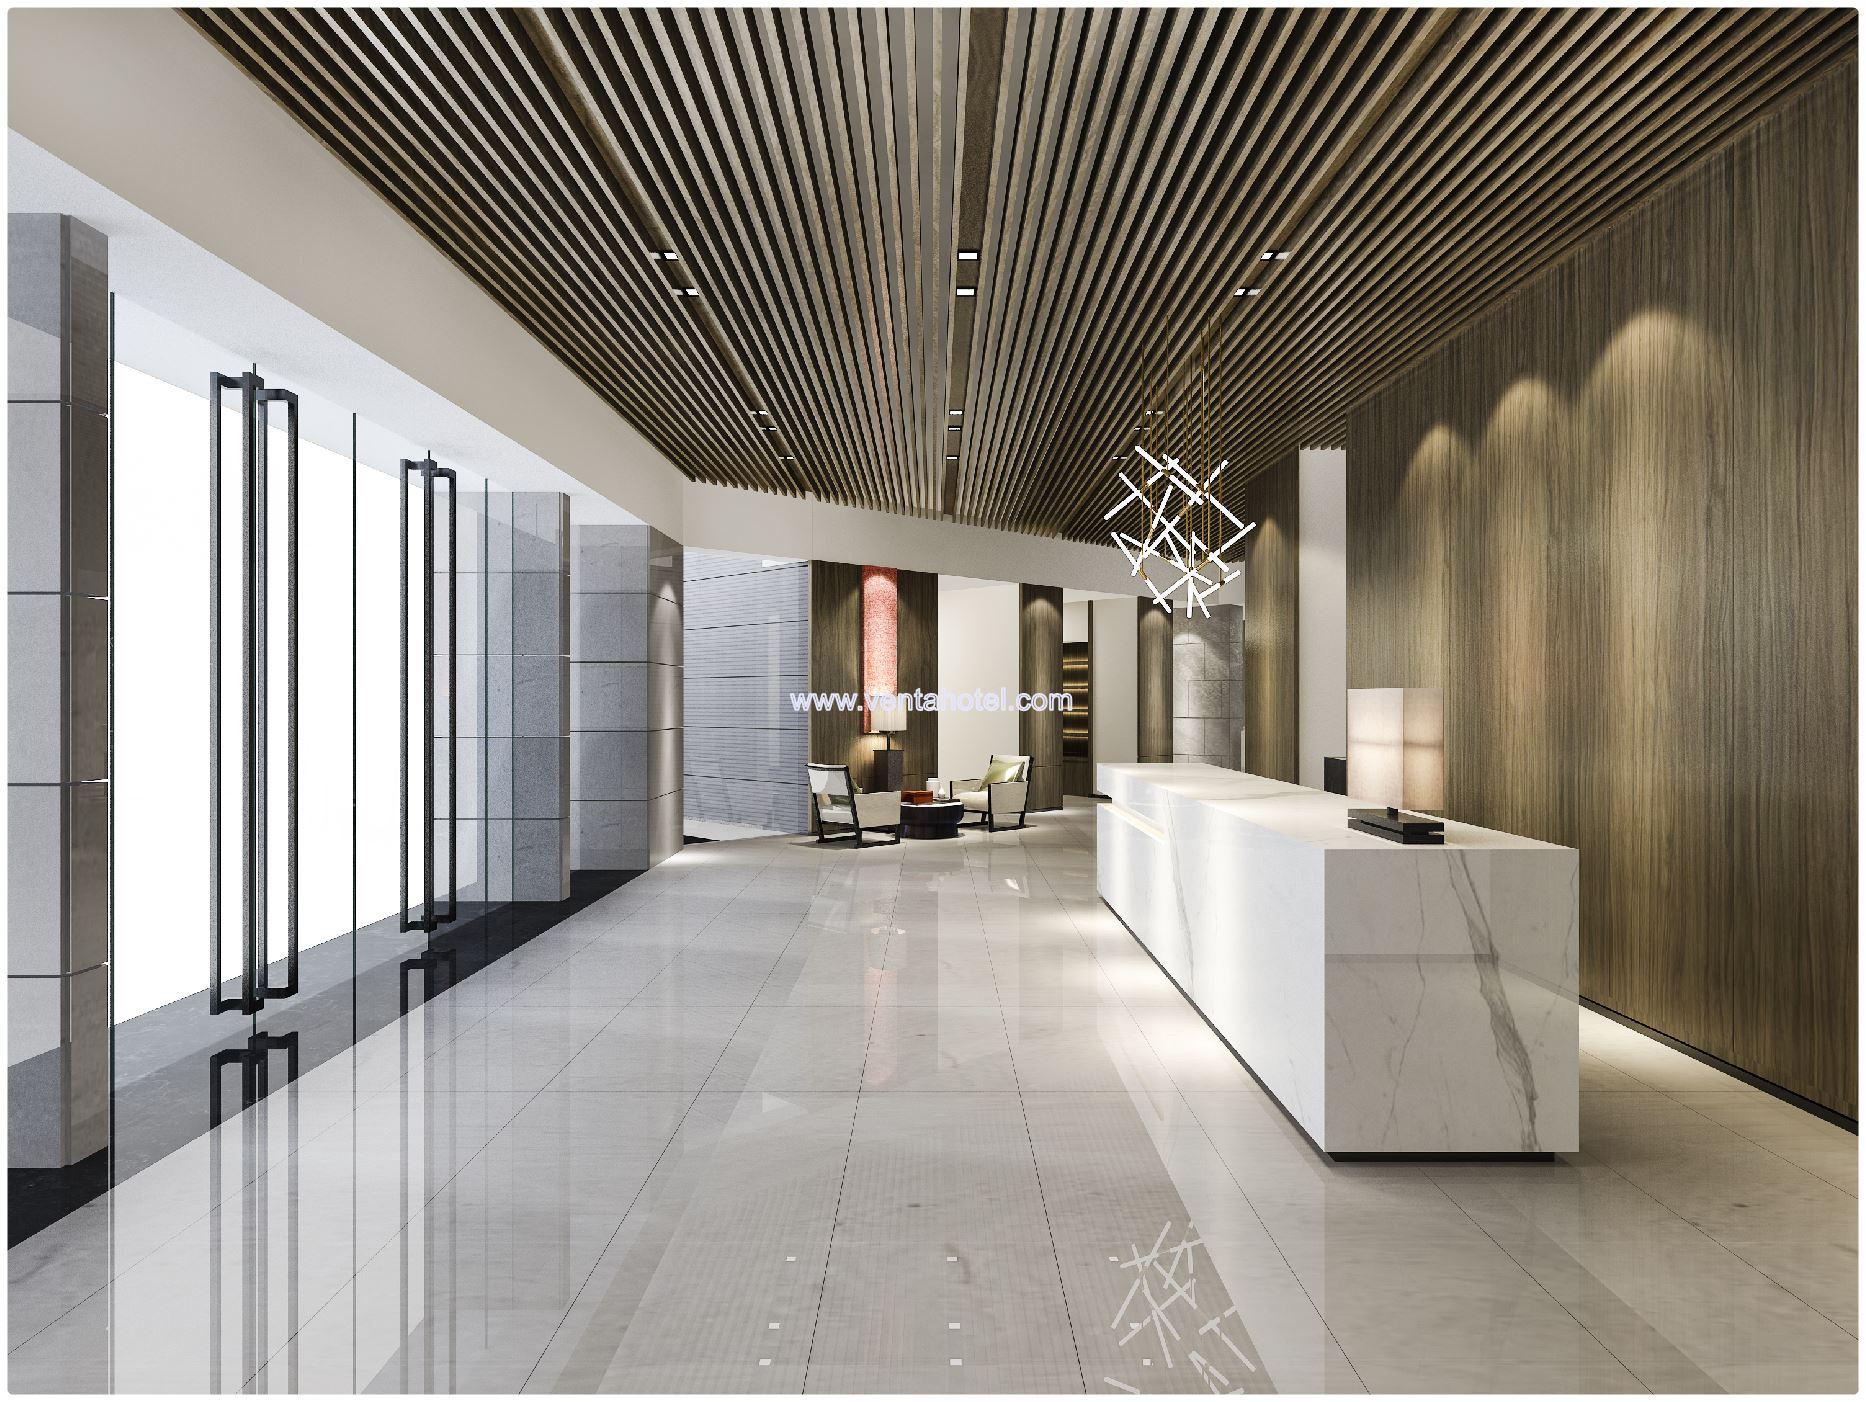 Proyectos Reformas Hoteles Albacete